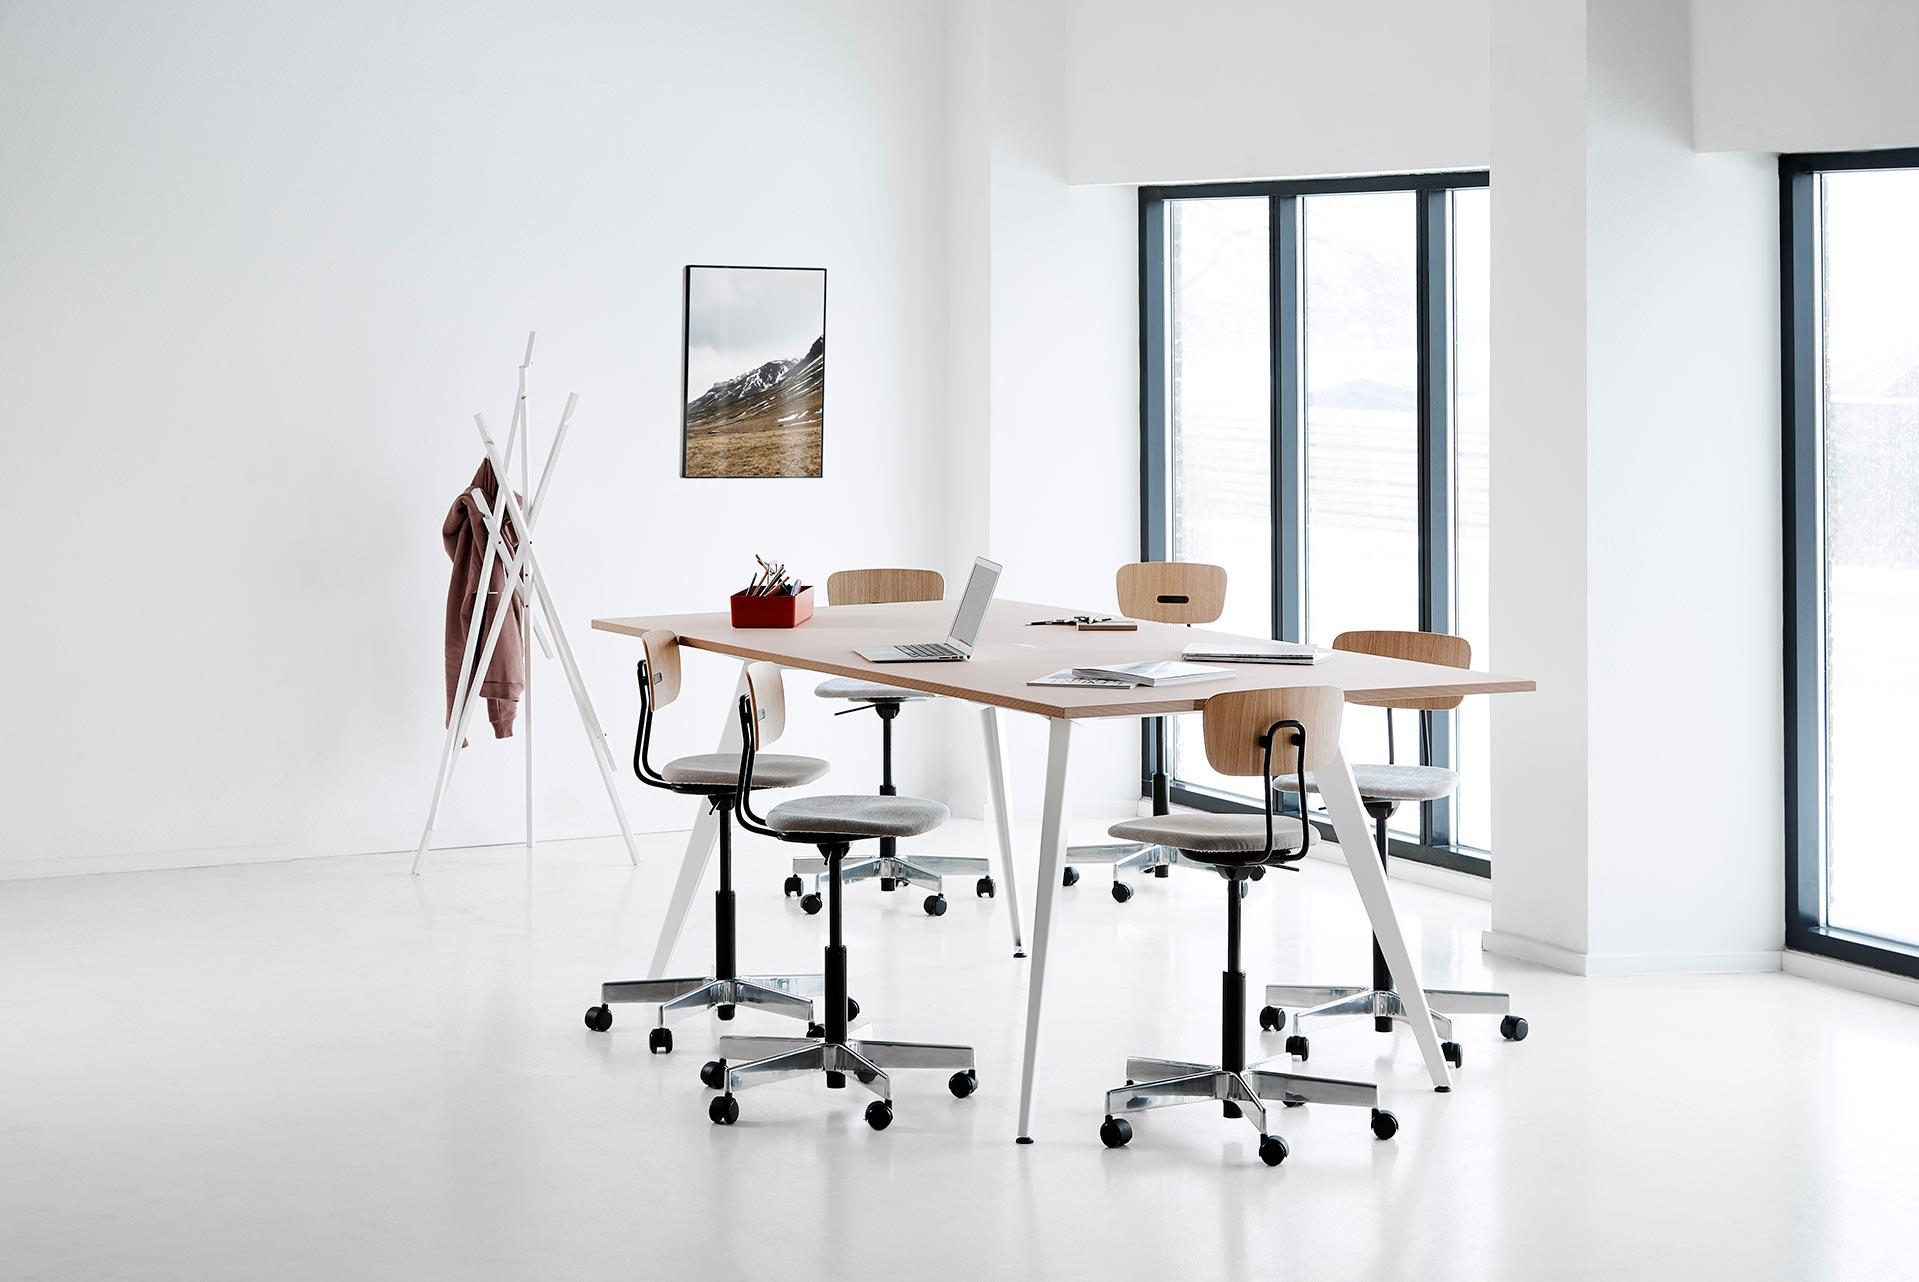 jeb_furniture_desking_holmris_cabale_high_desk-02-2.jpg